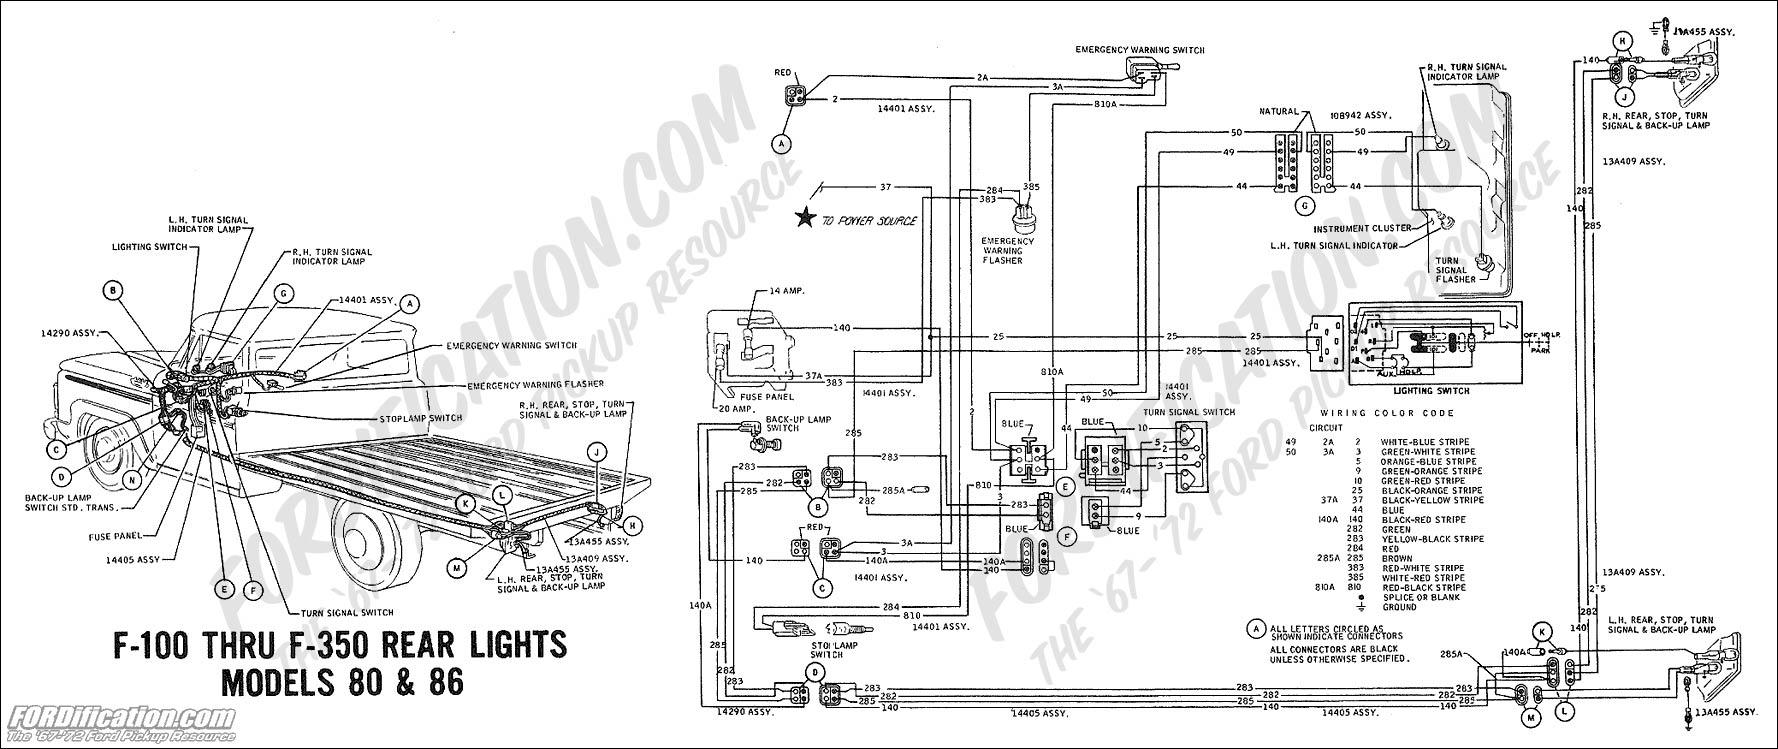 1983 ford f 150 wiring diagram emergency flashers